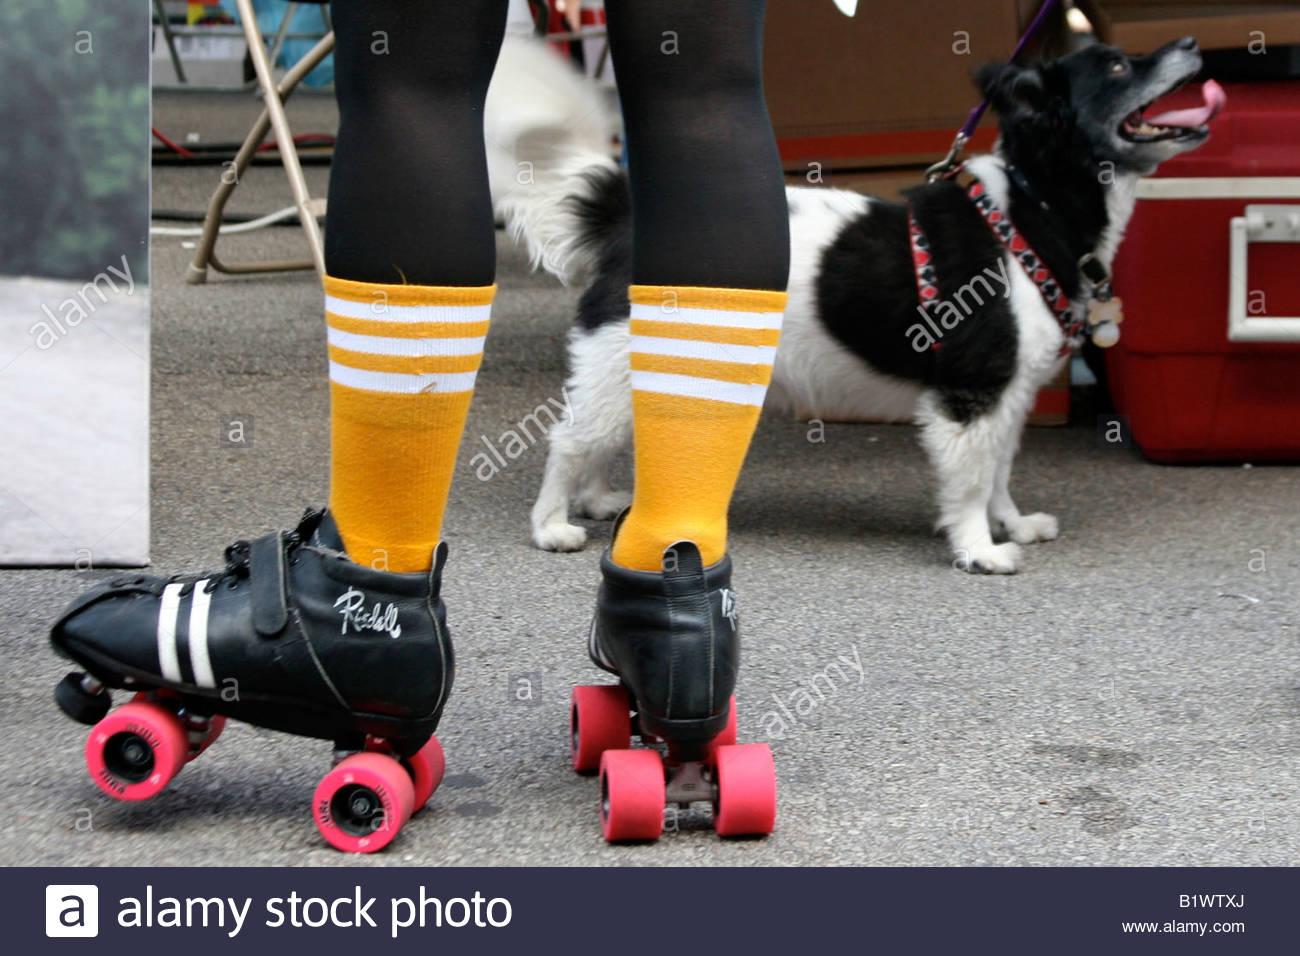 Roller skates in the 70s - Rollerskating Roller Skates 80 S 70 S Legs Dog Stock Image